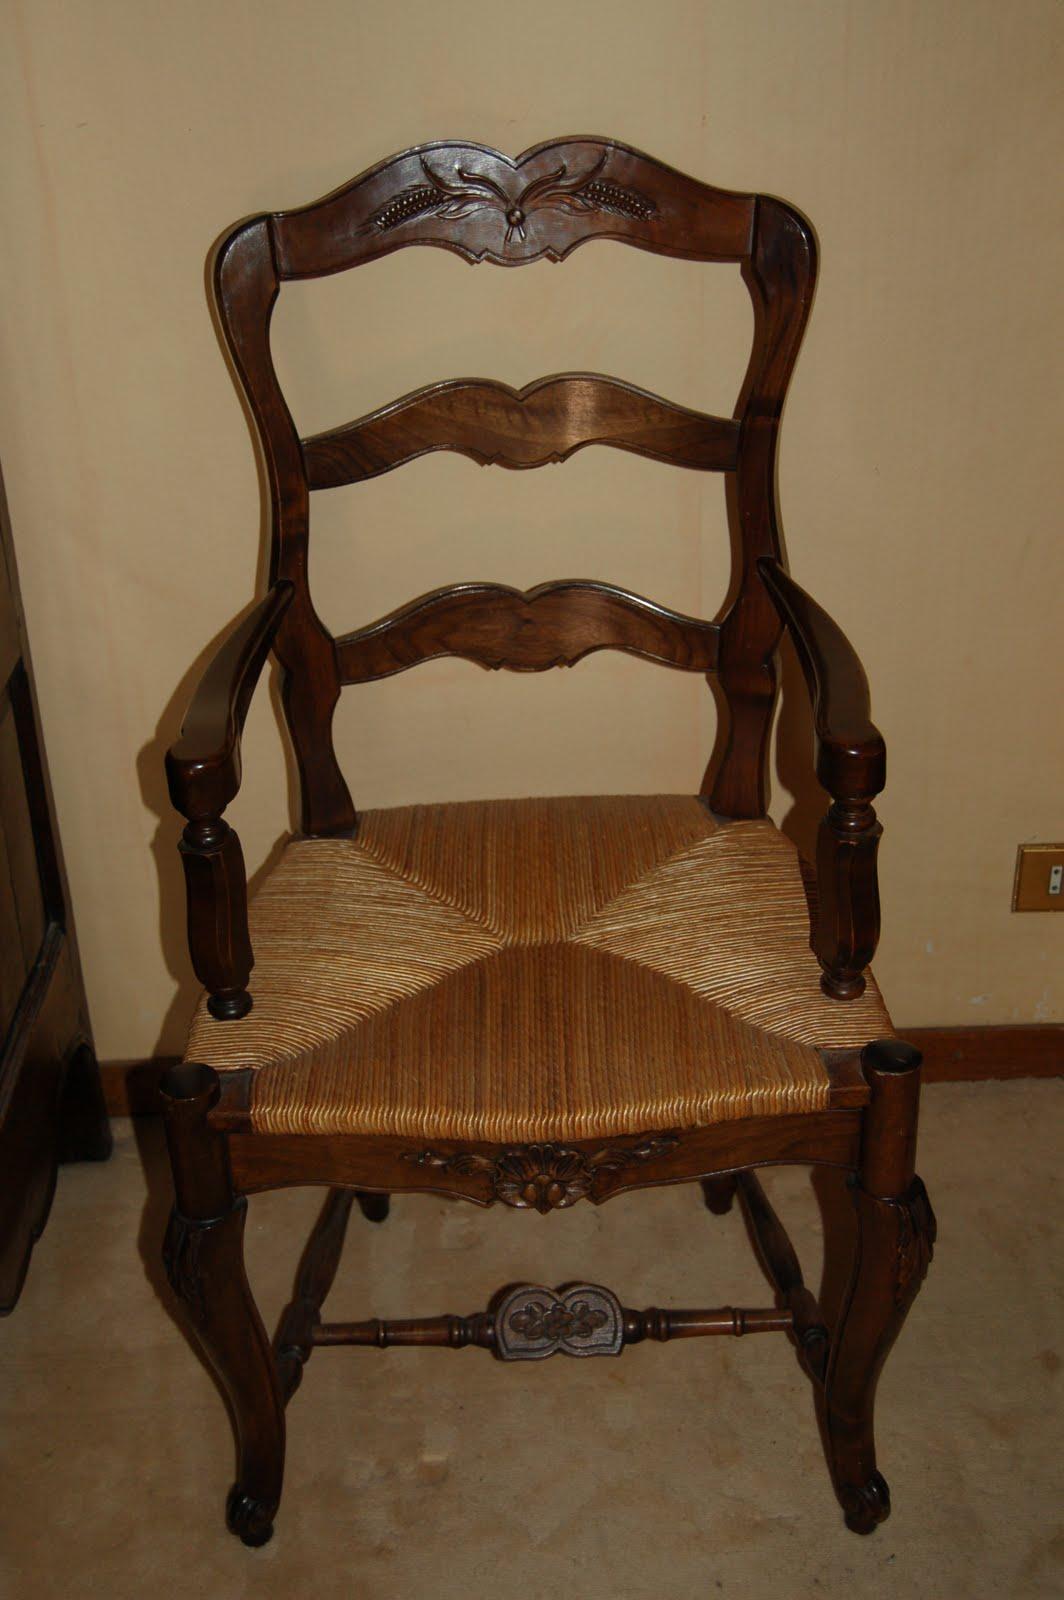 Meubles la valette - Chaise ancienne avec accoudoir ...